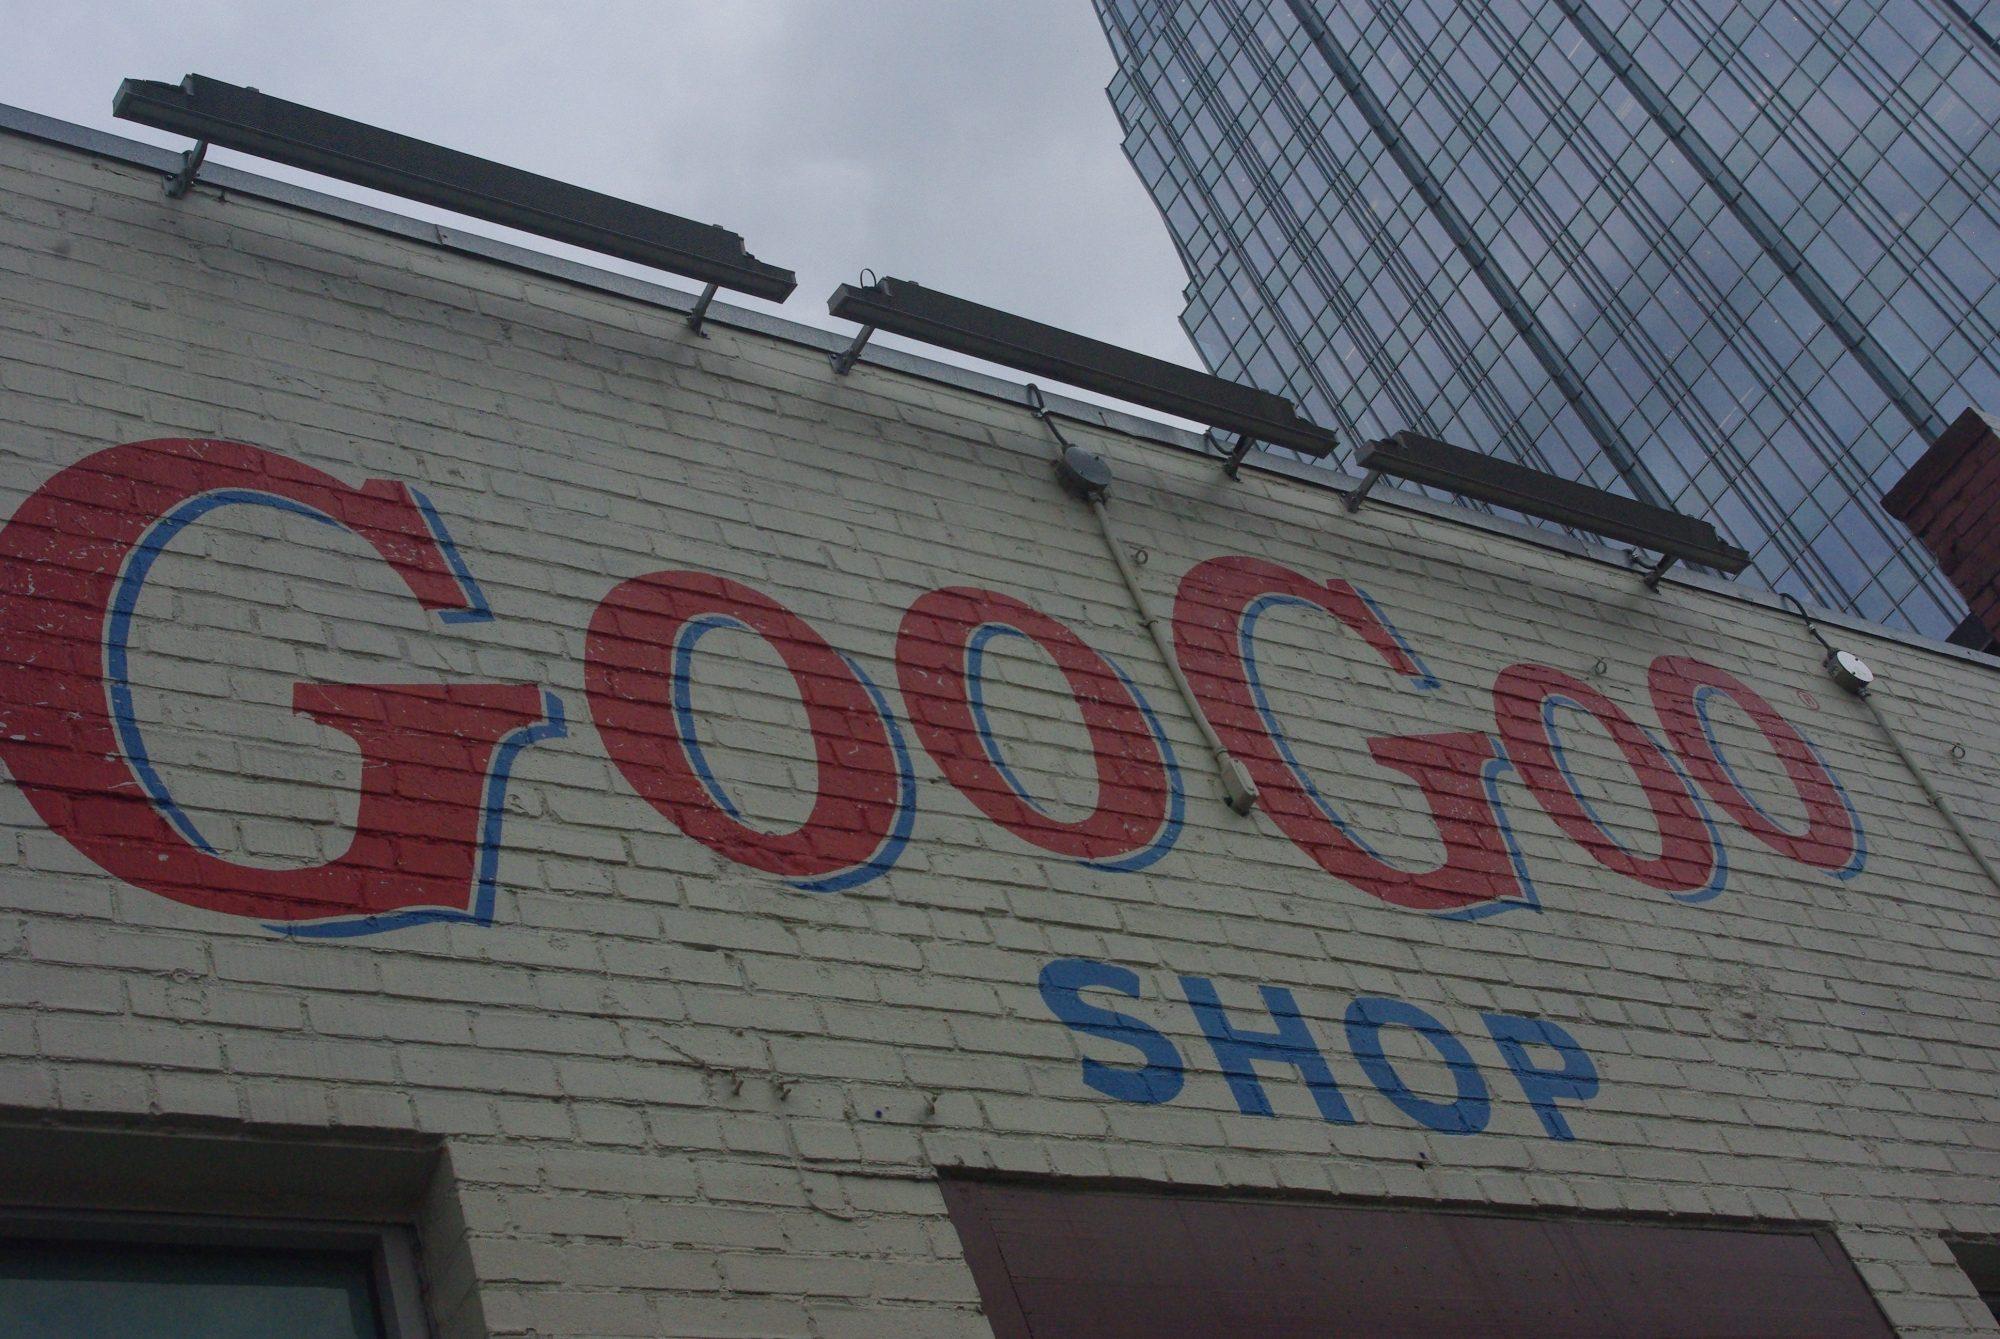 Les biscuits Goo Goo, spécialité de Nashville